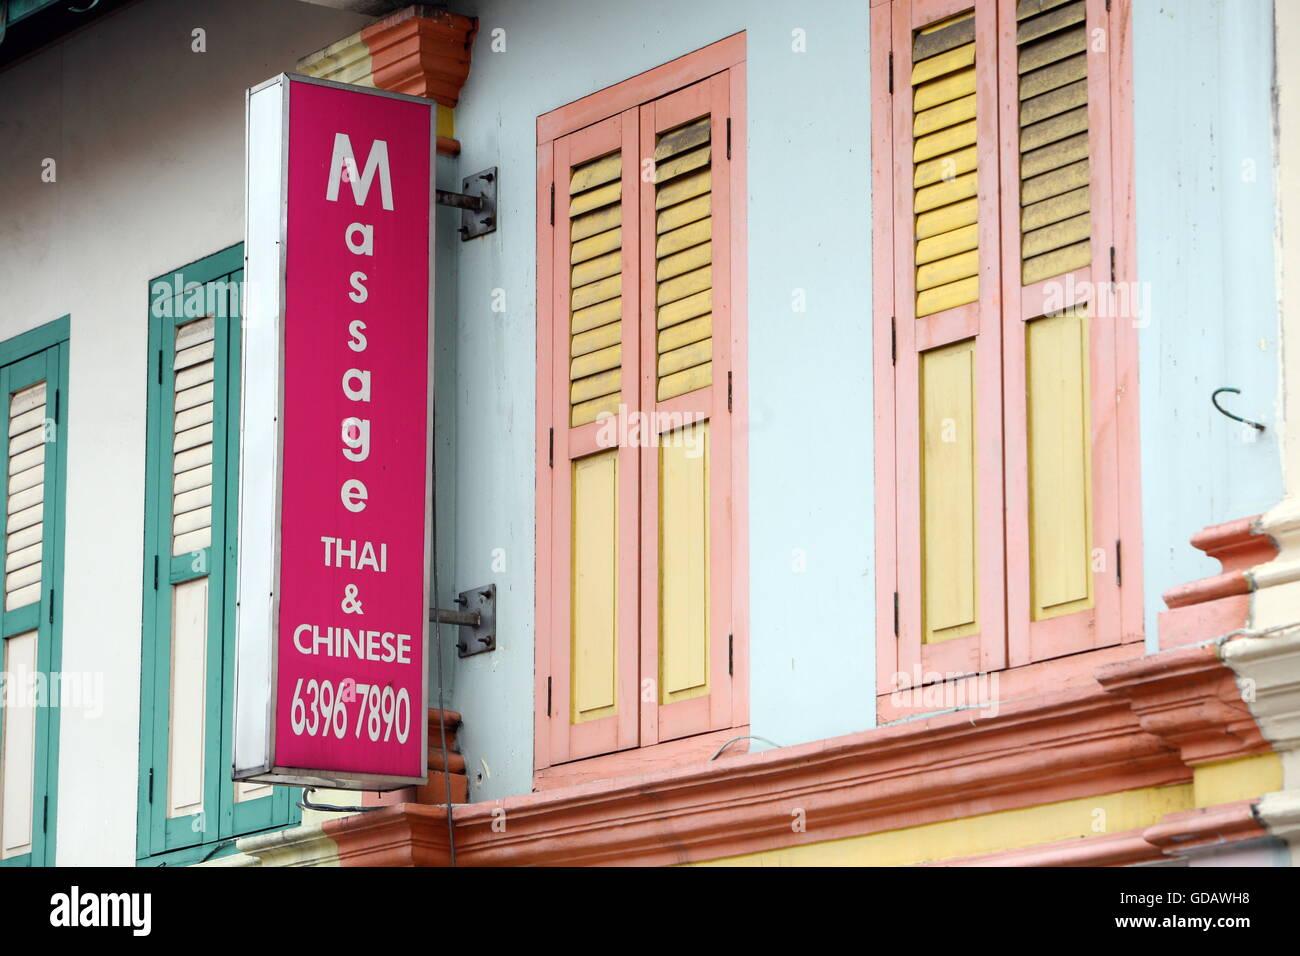 Asien, Suedostasien, Singapur,  Massage, Gesundheit, Tahi, Chinesische, Ein Massage Haus im China Town in der Grossstadt - Stock Image